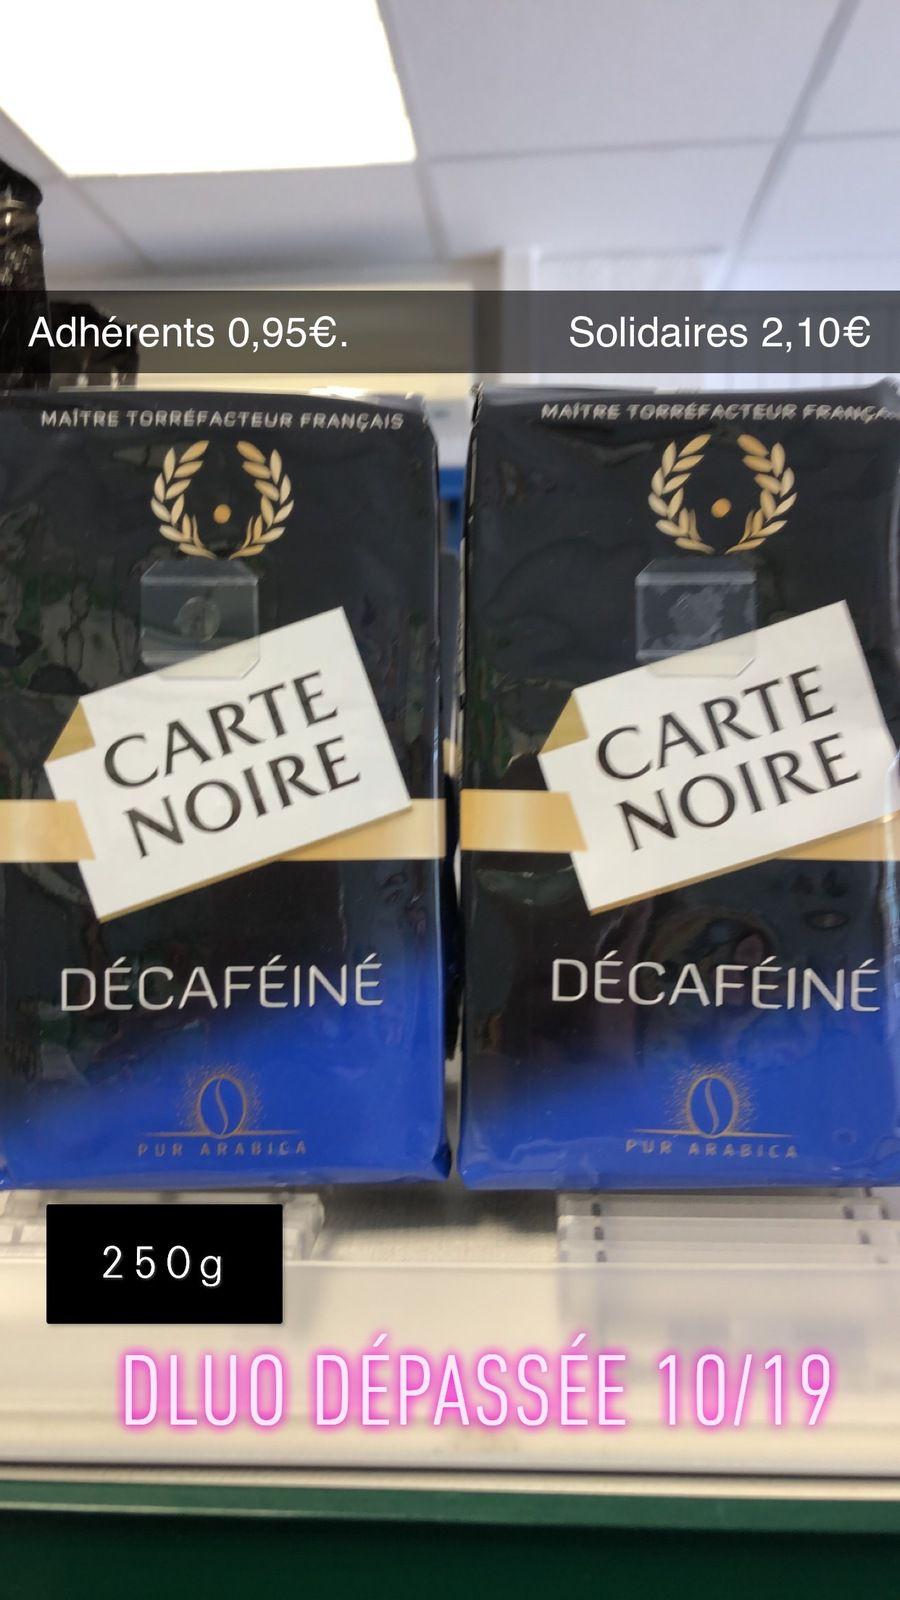 Café Carte Noire Décafeiné - 250 g - DLUO Dépassée